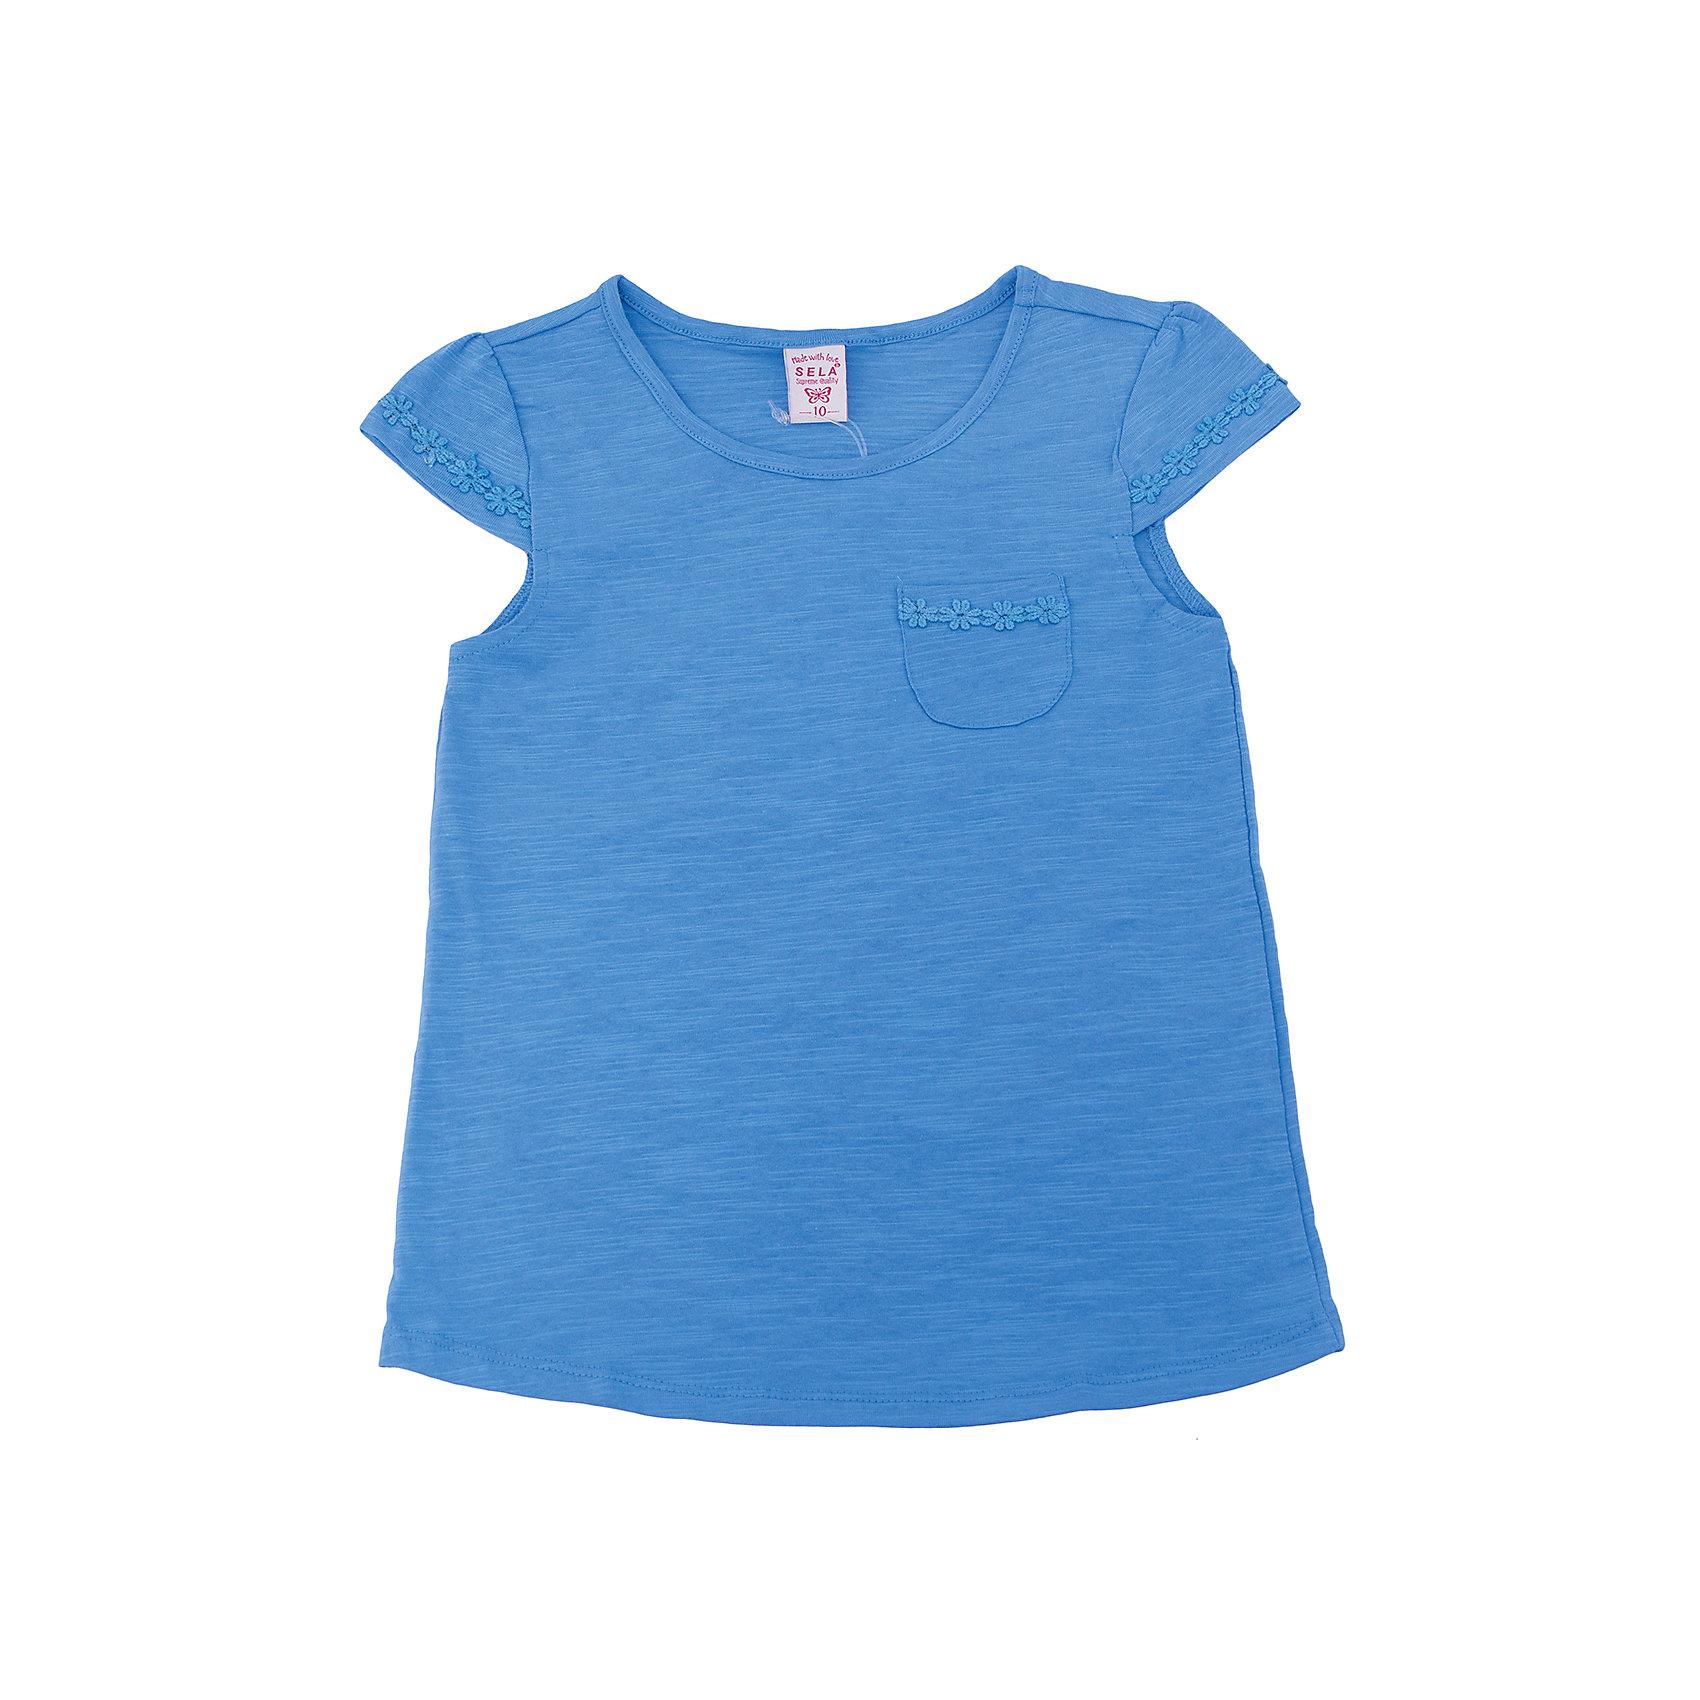 Футболка  для девочки SELAФутболки, поло и топы<br>Характеристики товара:<br><br>• цвет: синий<br>• состав: 100% хлопок<br>• карман на груди<br>• короткие рукава<br>• округлый горловой вырез<br>• страна бренда: Российская Федерация<br><br>В новой коллекции SELA отличные модели одежды! Эта футболка для девочки поможет разнообразить гардероб ребенка и обеспечить комфорт. Она отлично сочетается с юбками и брюками. Стильная и удобная вещь!<br><br>Футболку для девочки от популярного бренда SELA (СЕЛА) можно купить в нашем интернет-магазине.<br><br>Ширина мм: 230<br>Глубина мм: 40<br>Высота мм: 220<br>Вес г: 250<br>Цвет: синий<br>Возраст от месяцев: 108<br>Возраст до месяцев: 120<br>Пол: Женский<br>Возраст: Детский<br>Размер: 140,134,146,152,116,122,128<br>SKU: 5303634